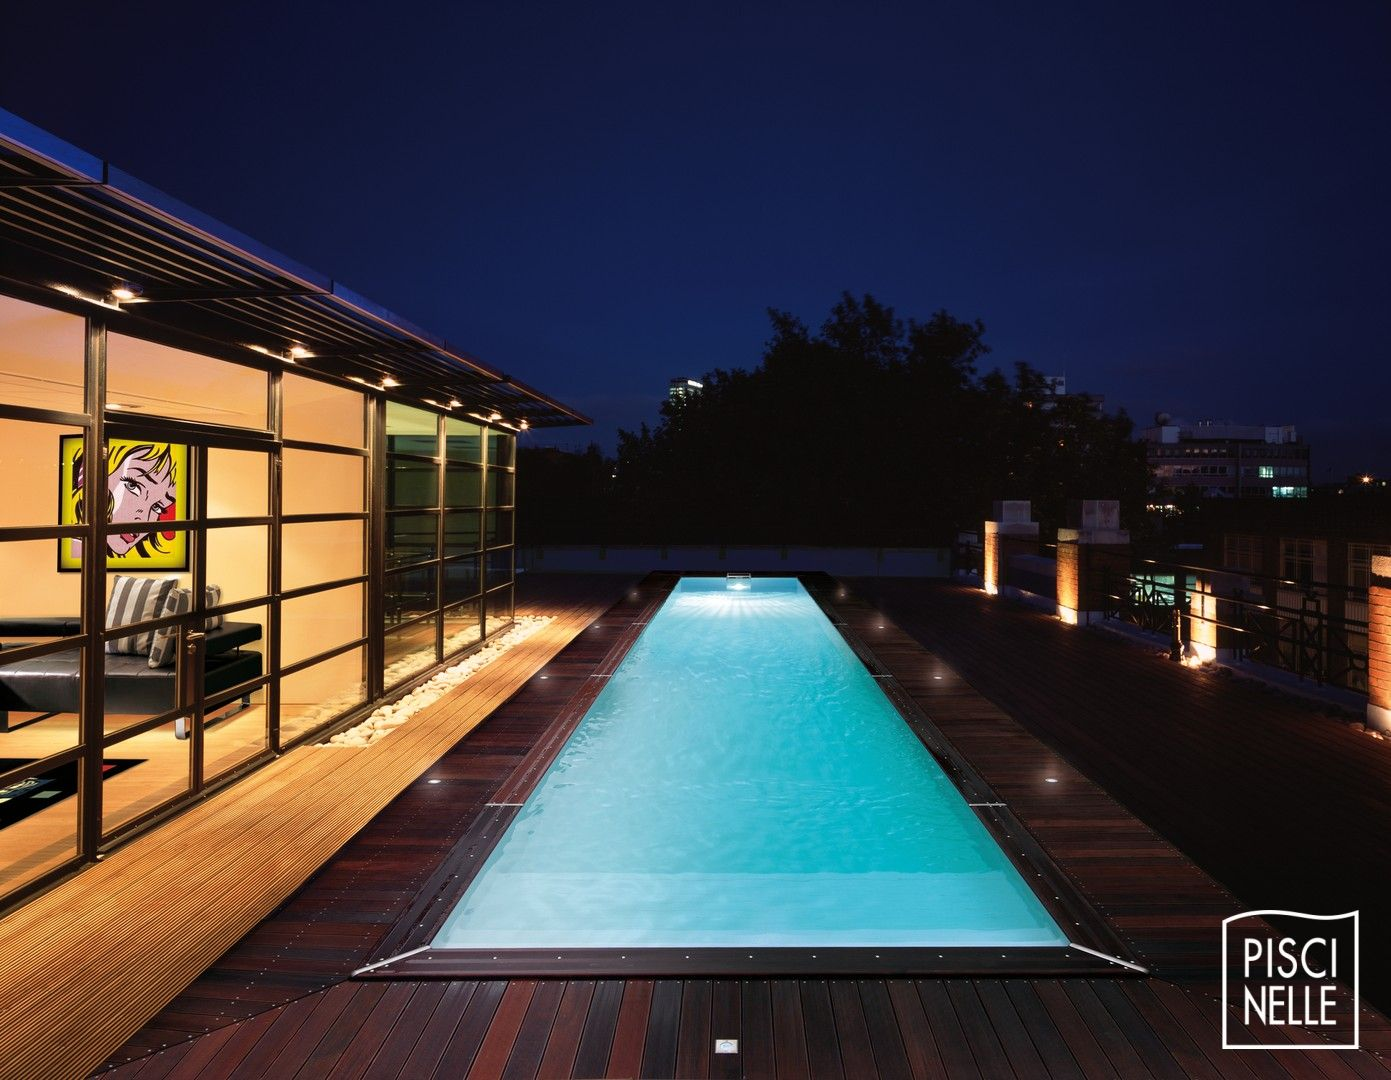 couloir de nage - piscine cn - piscinelle